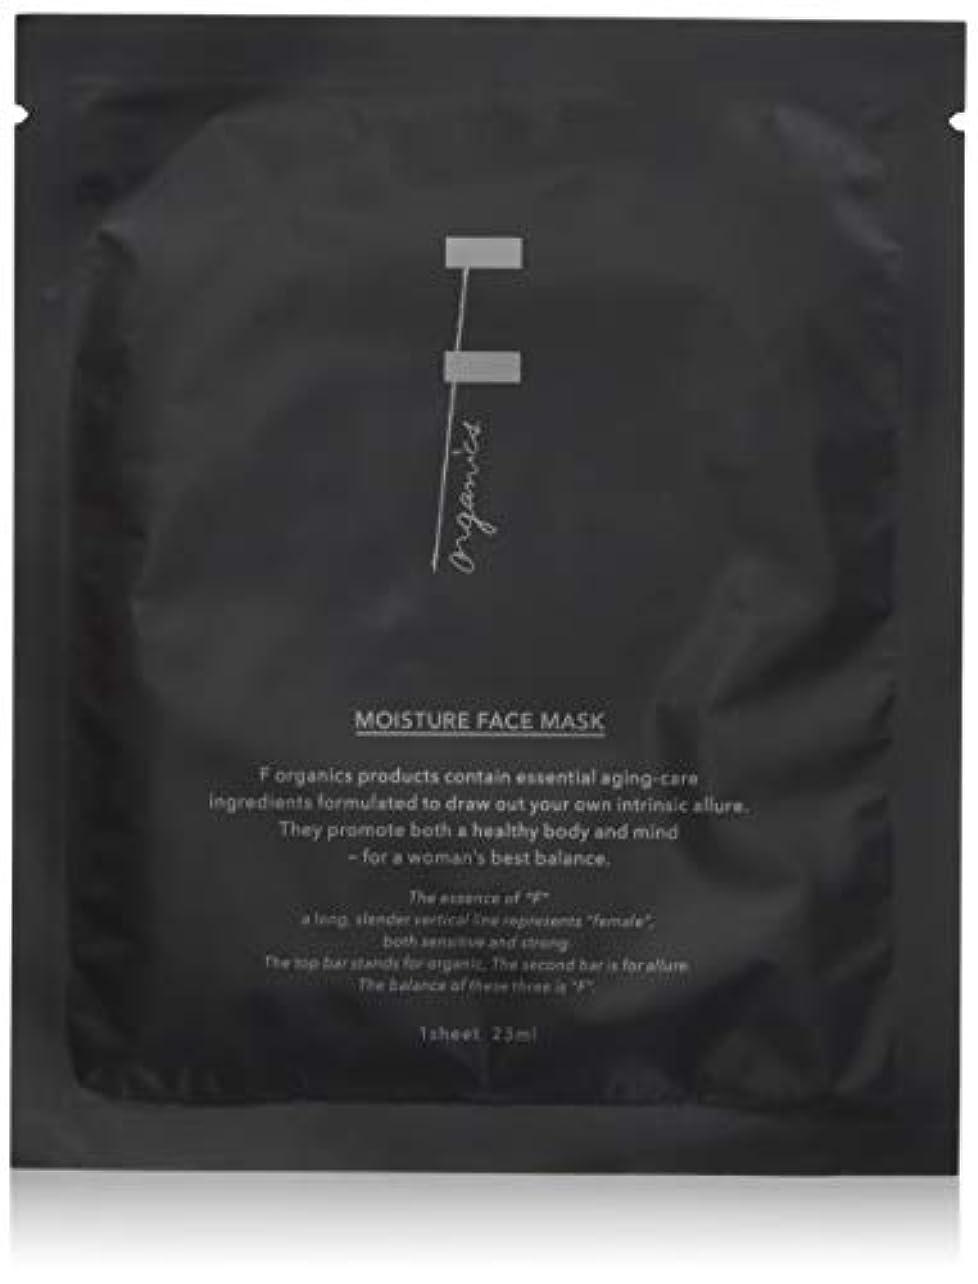 ラッドヤードキップリング仮定する芝生F organics(エッフェオーガニック) モイスチャーフェイスマスク(23ml×1枚入)